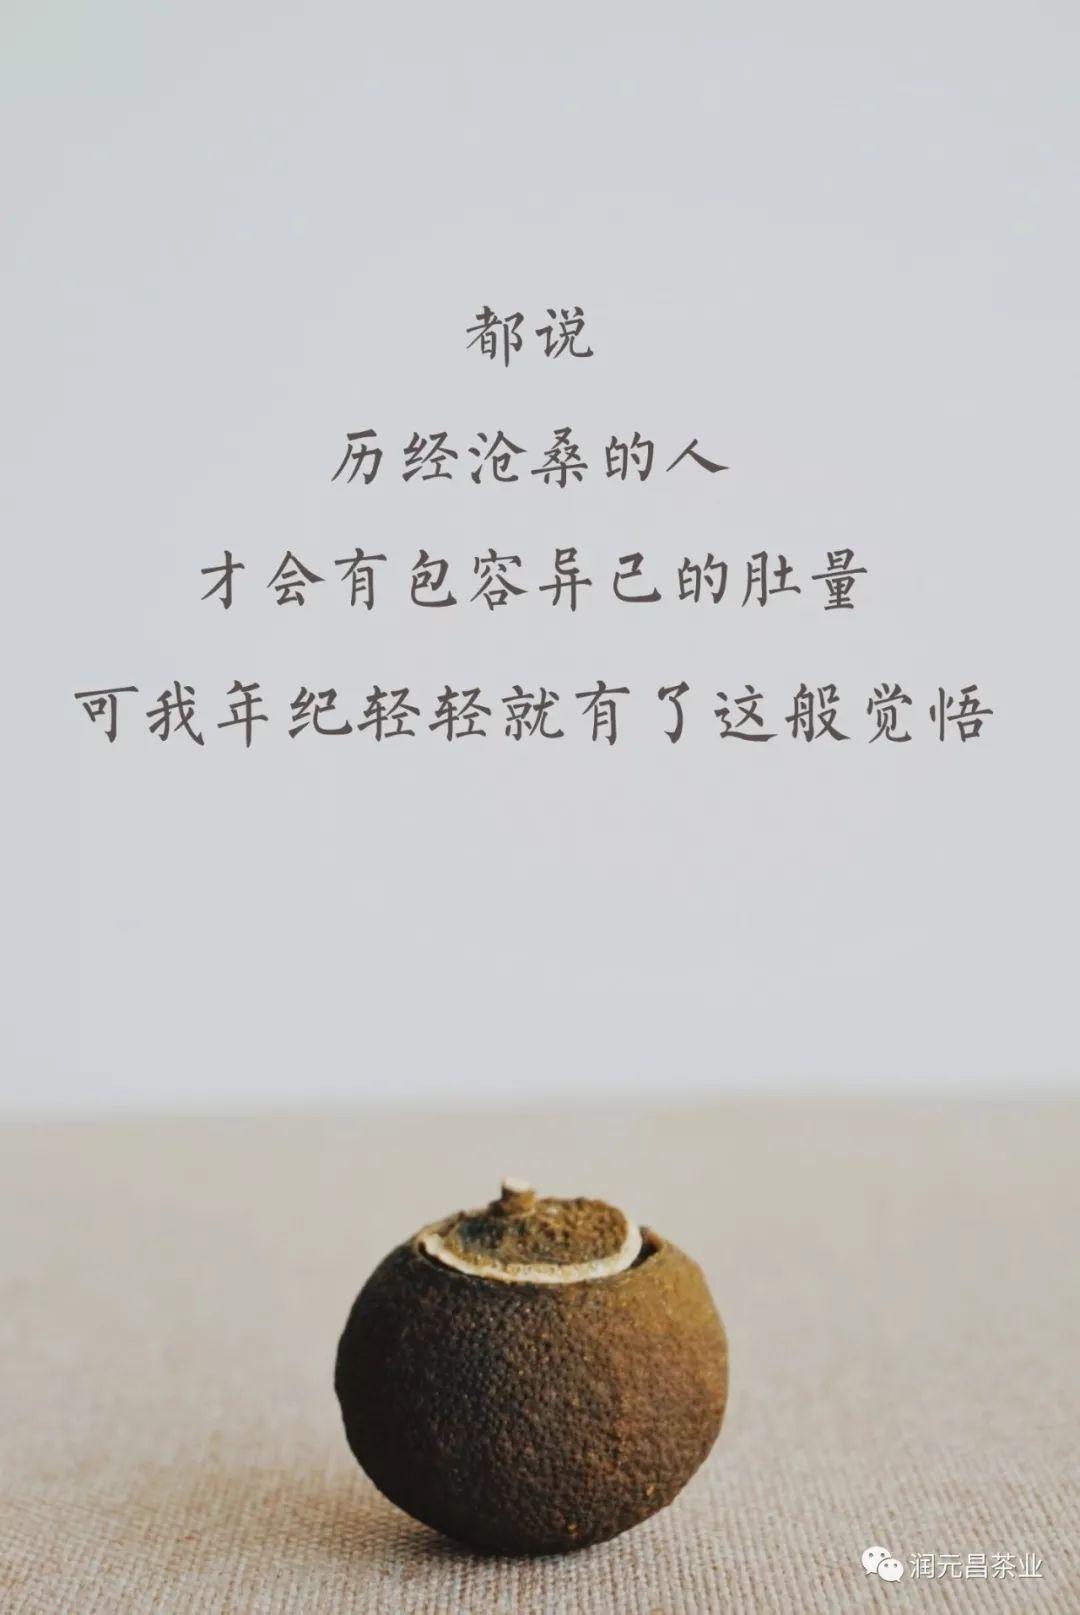 润元昌柑普茶创意海报-9